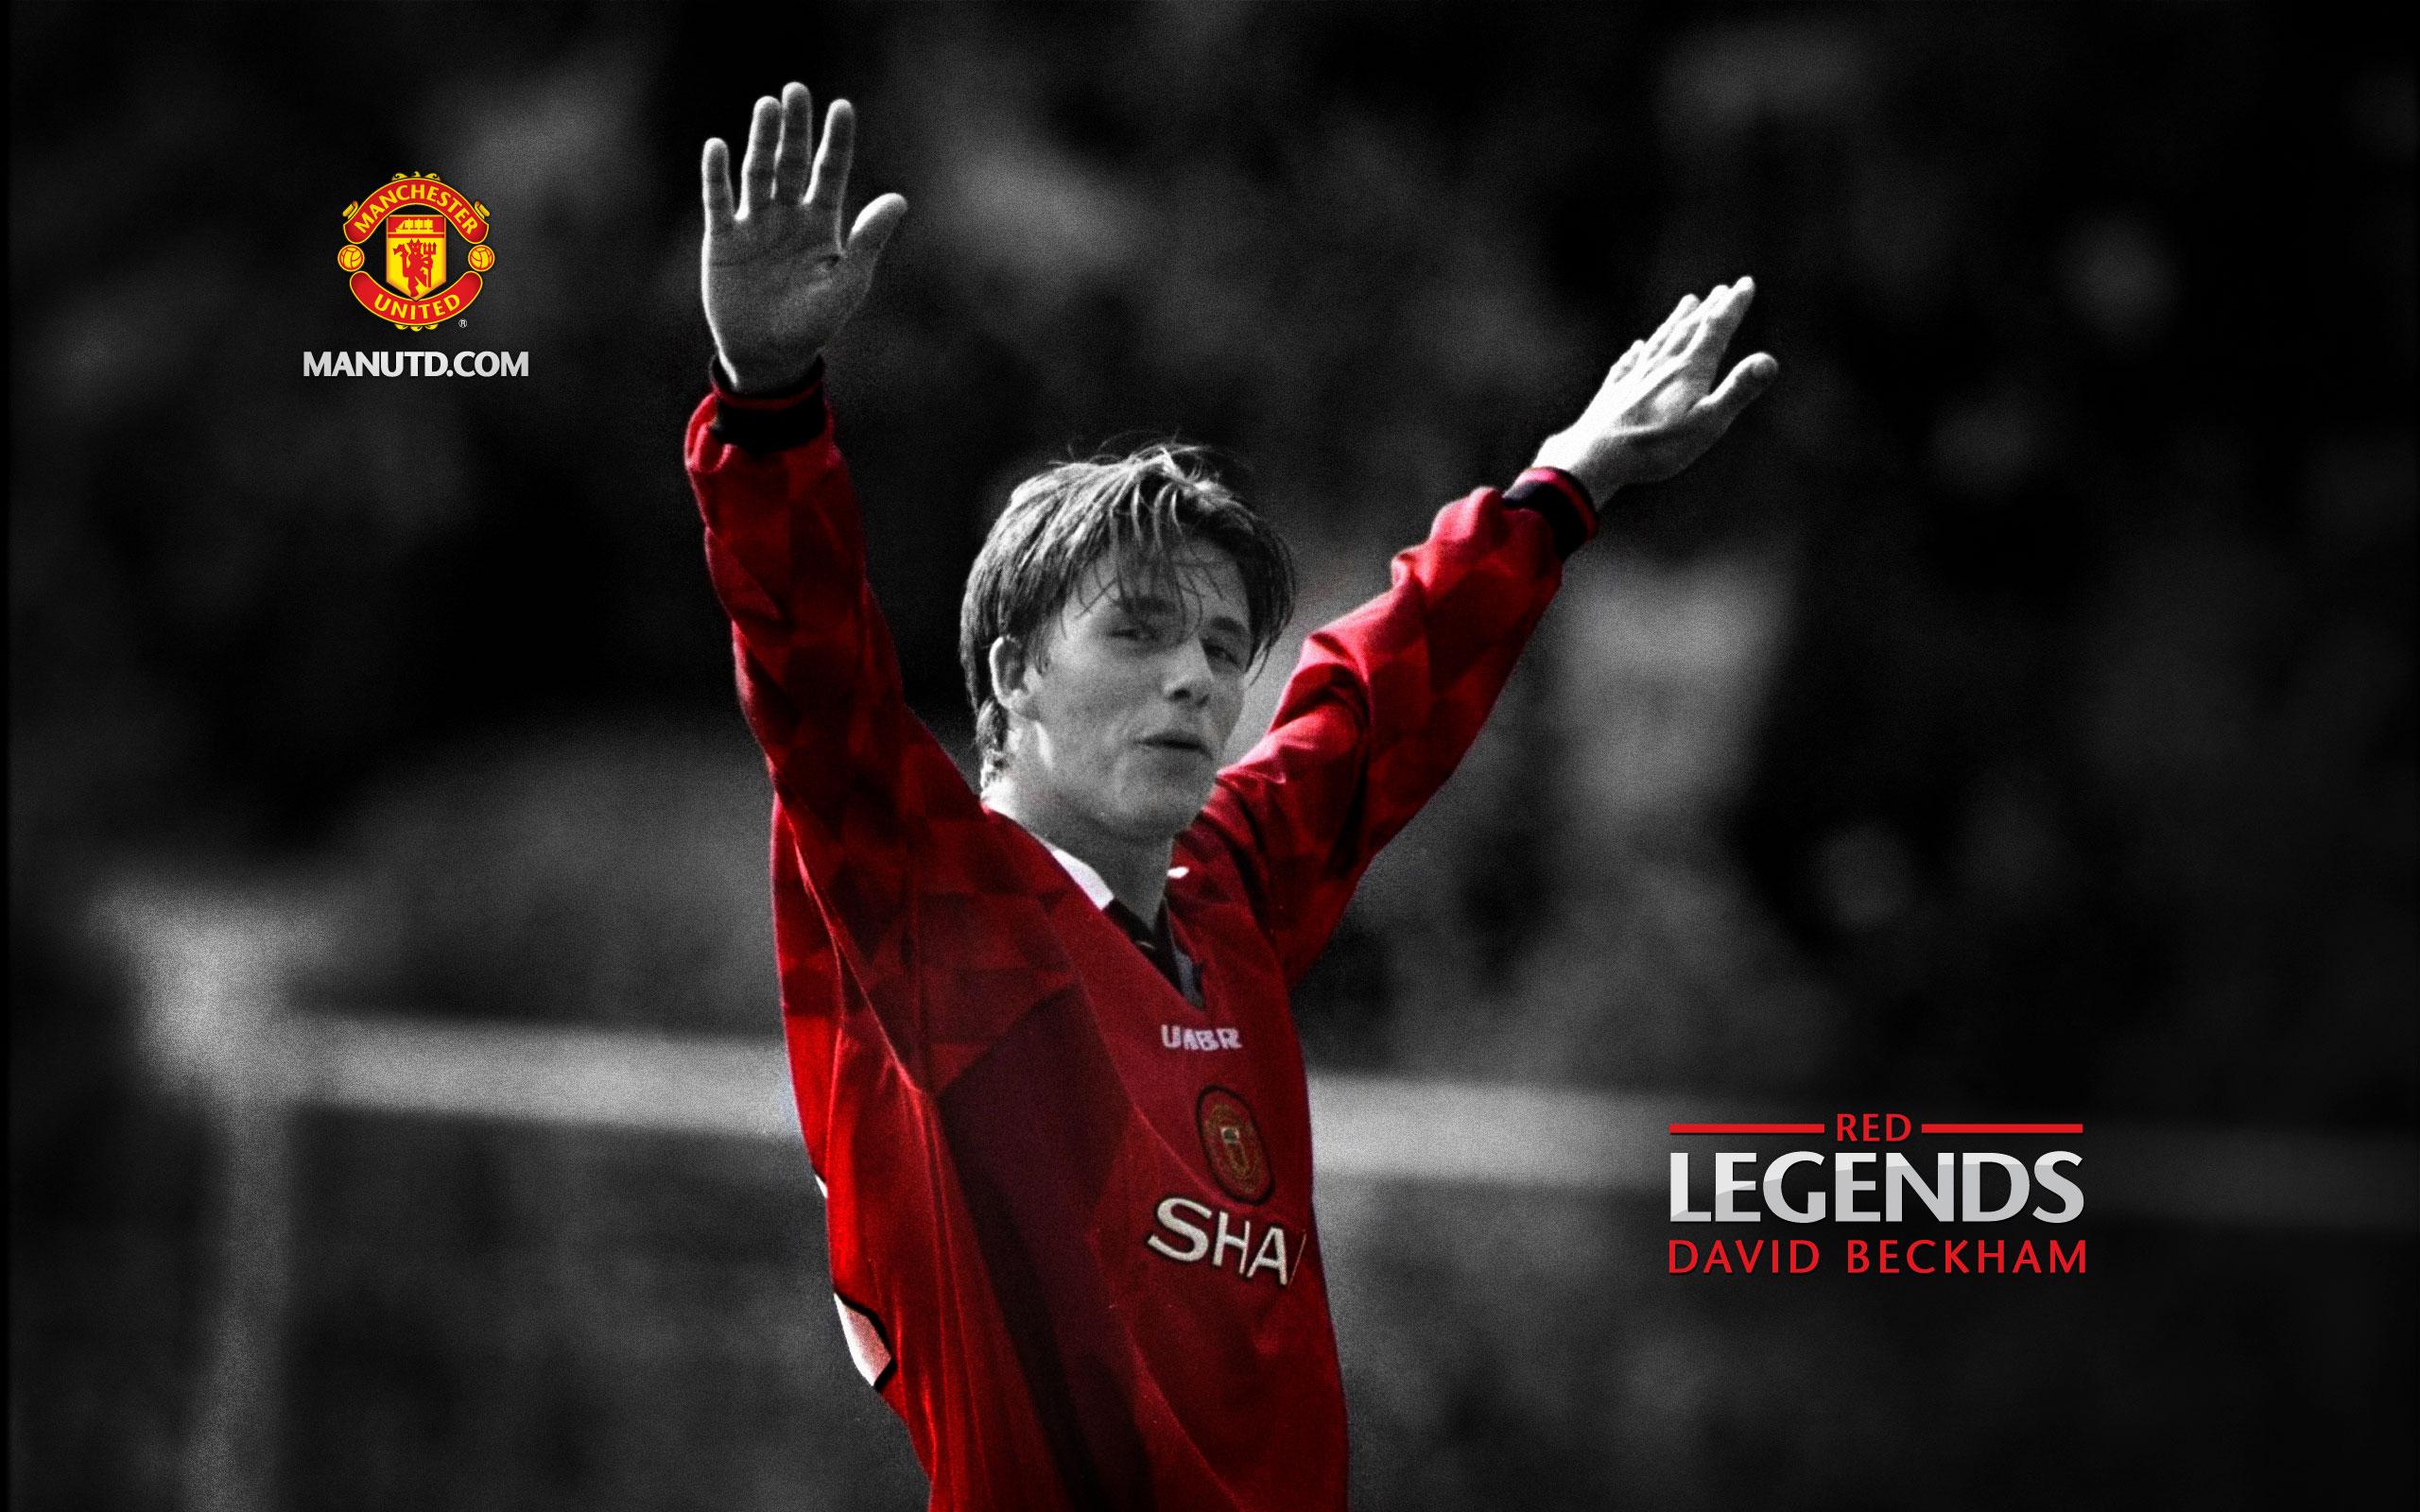 David beckham retires from football - Manchester united david beckham wallpaper ...